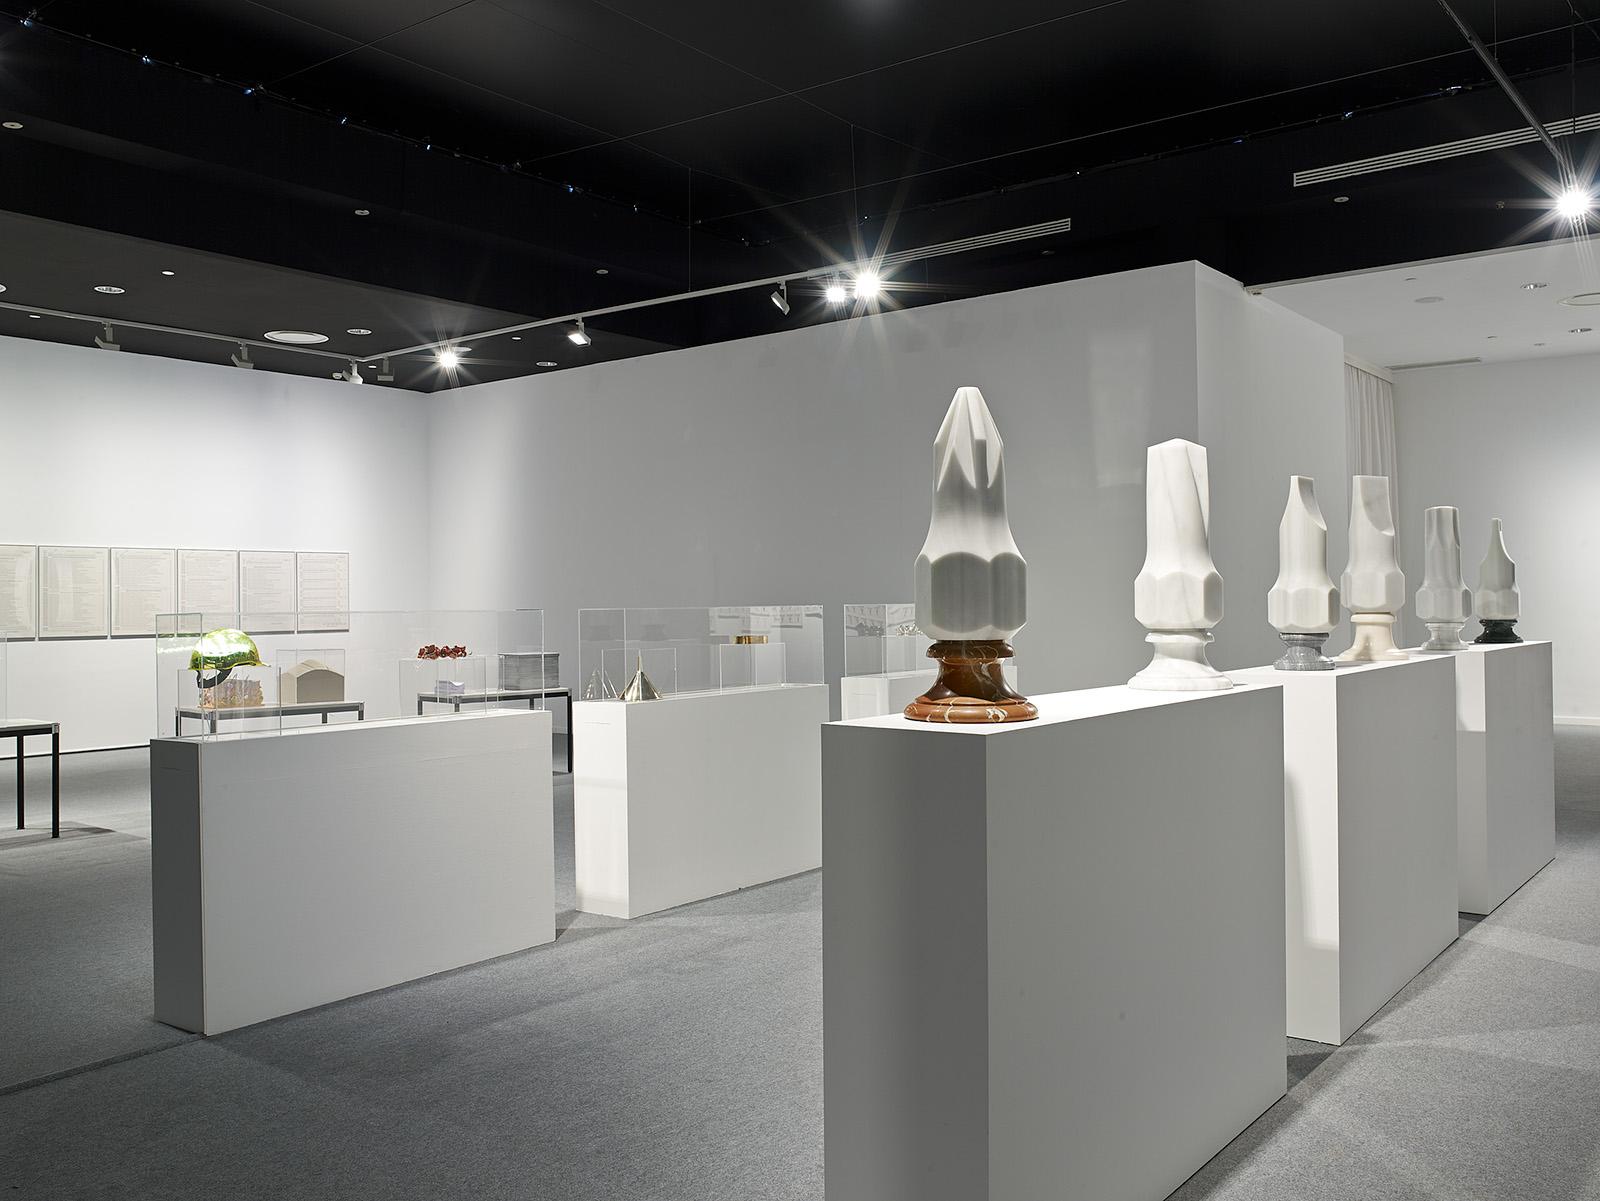 Juan Luis Moraza - Vista de la exposición trabajo absoluto en MAC Coruña